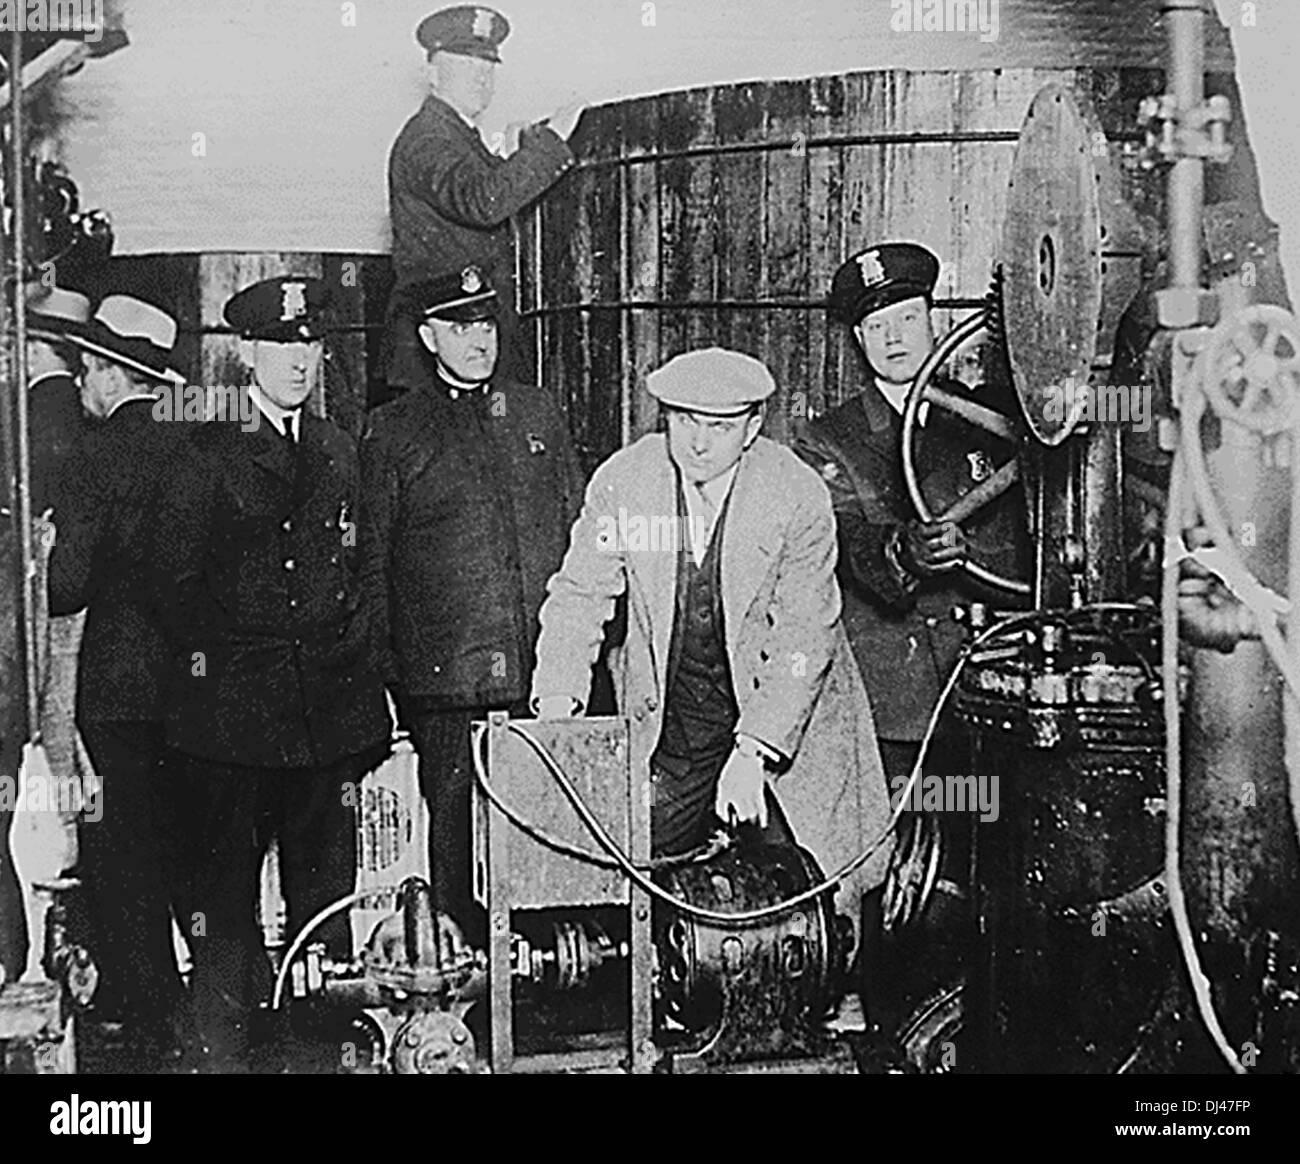 Detroit Polizei Inspektion Ausrüstung gefunden in einer geheimen Brauerei während der Zeit der Prohibition Stockbild